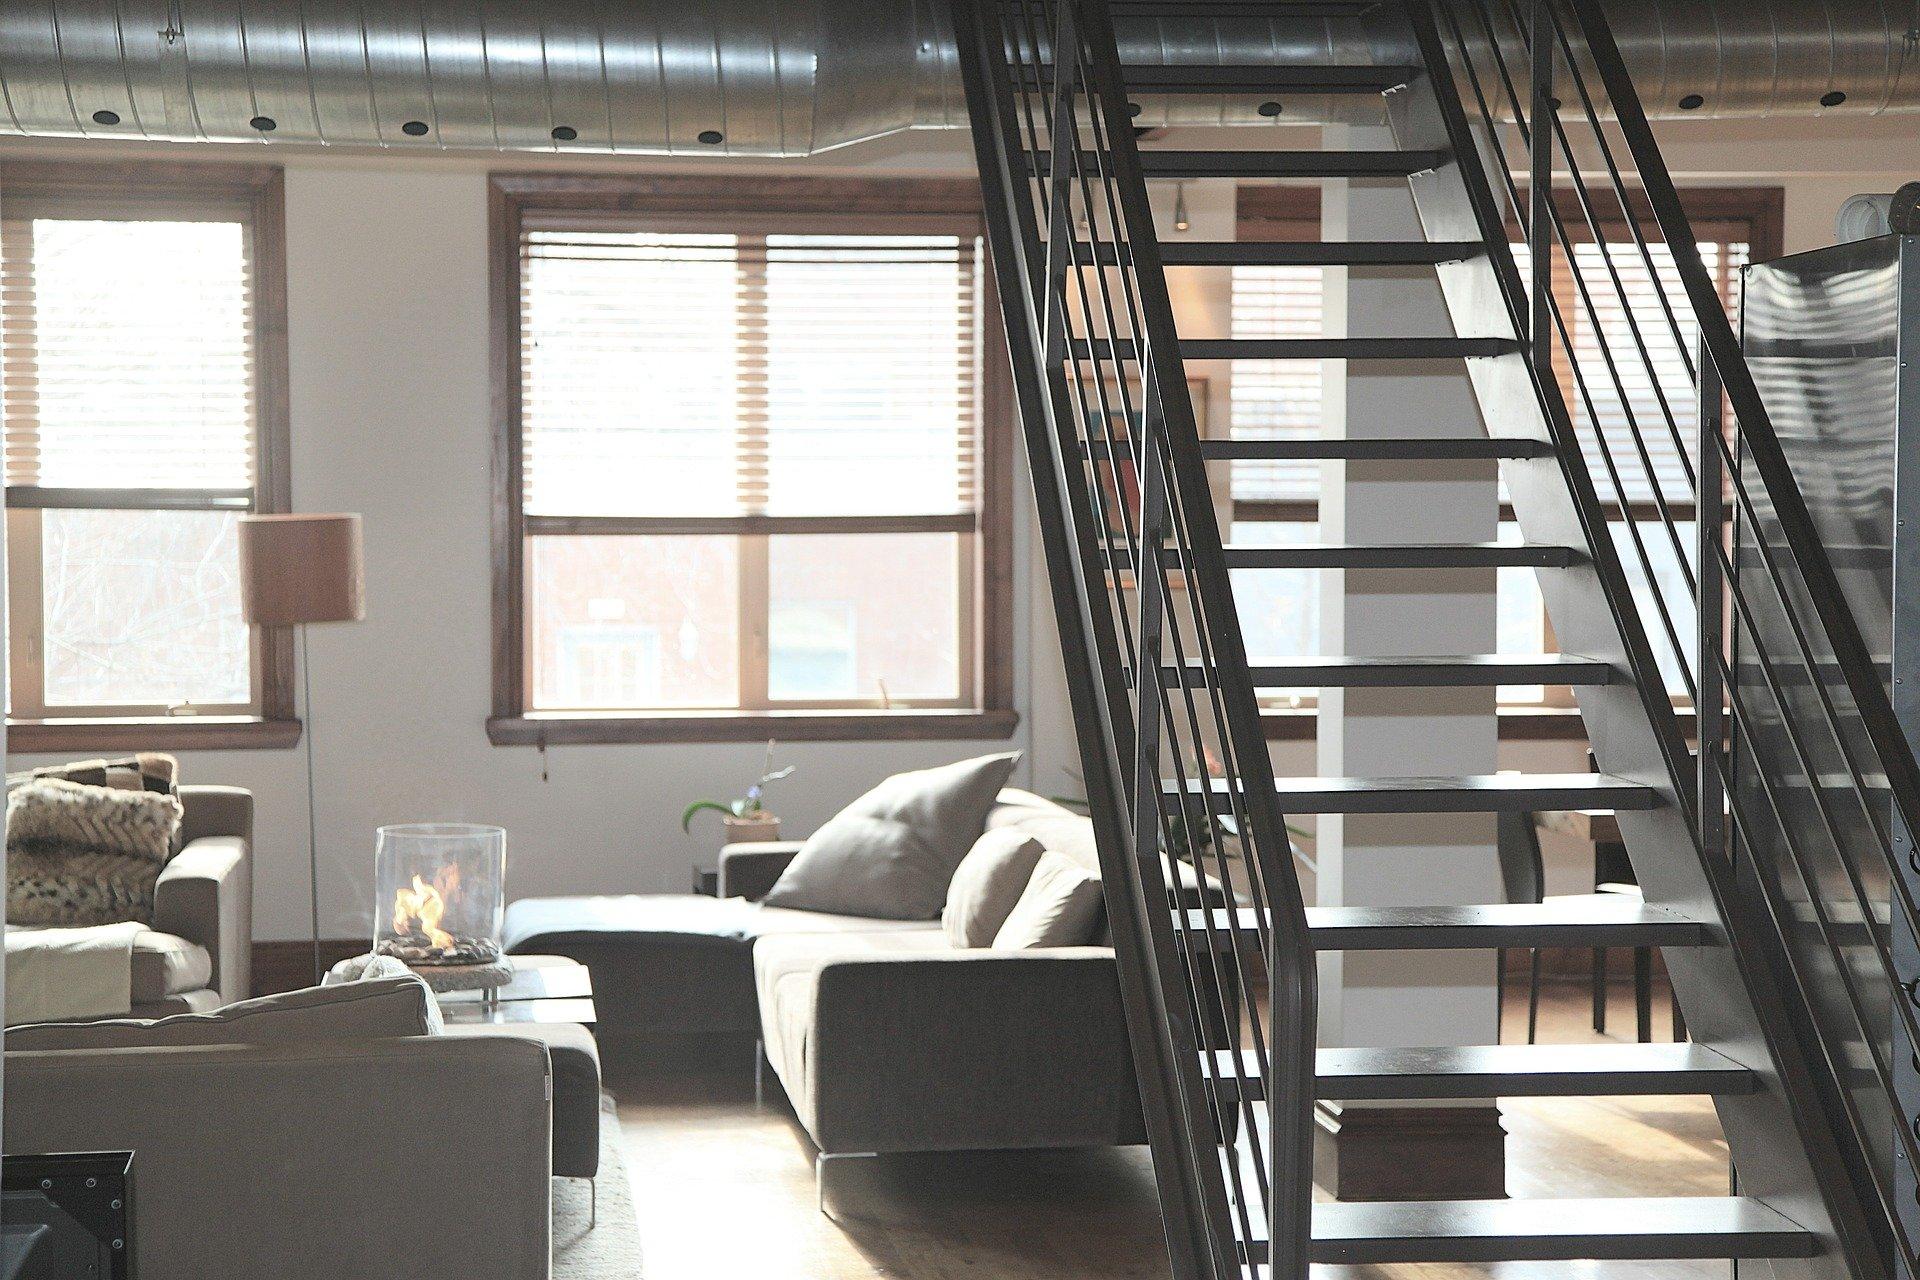 apartment-406901_1920 (1)